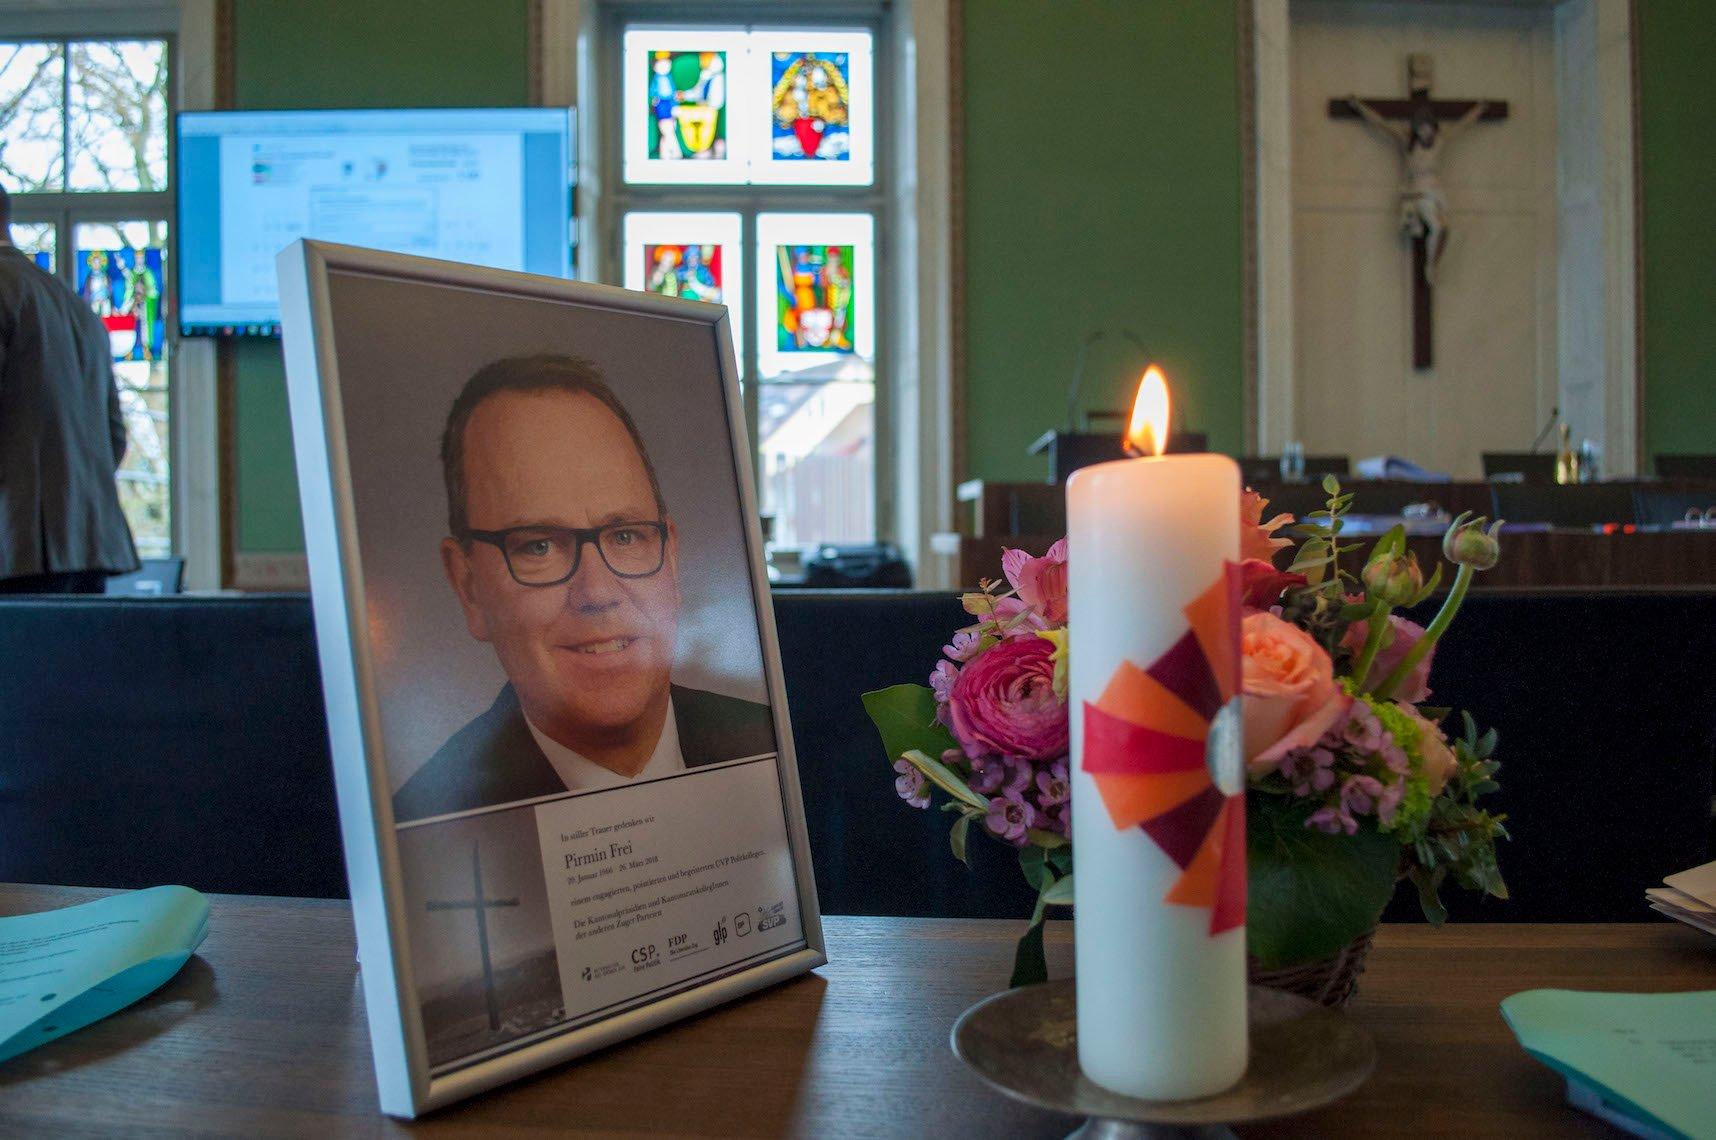 Am verwaisten Platz des überraschend gestorbenen CVP-Kantonalpräsidenten Pirmin Frei brannte eine Trauerkerze.